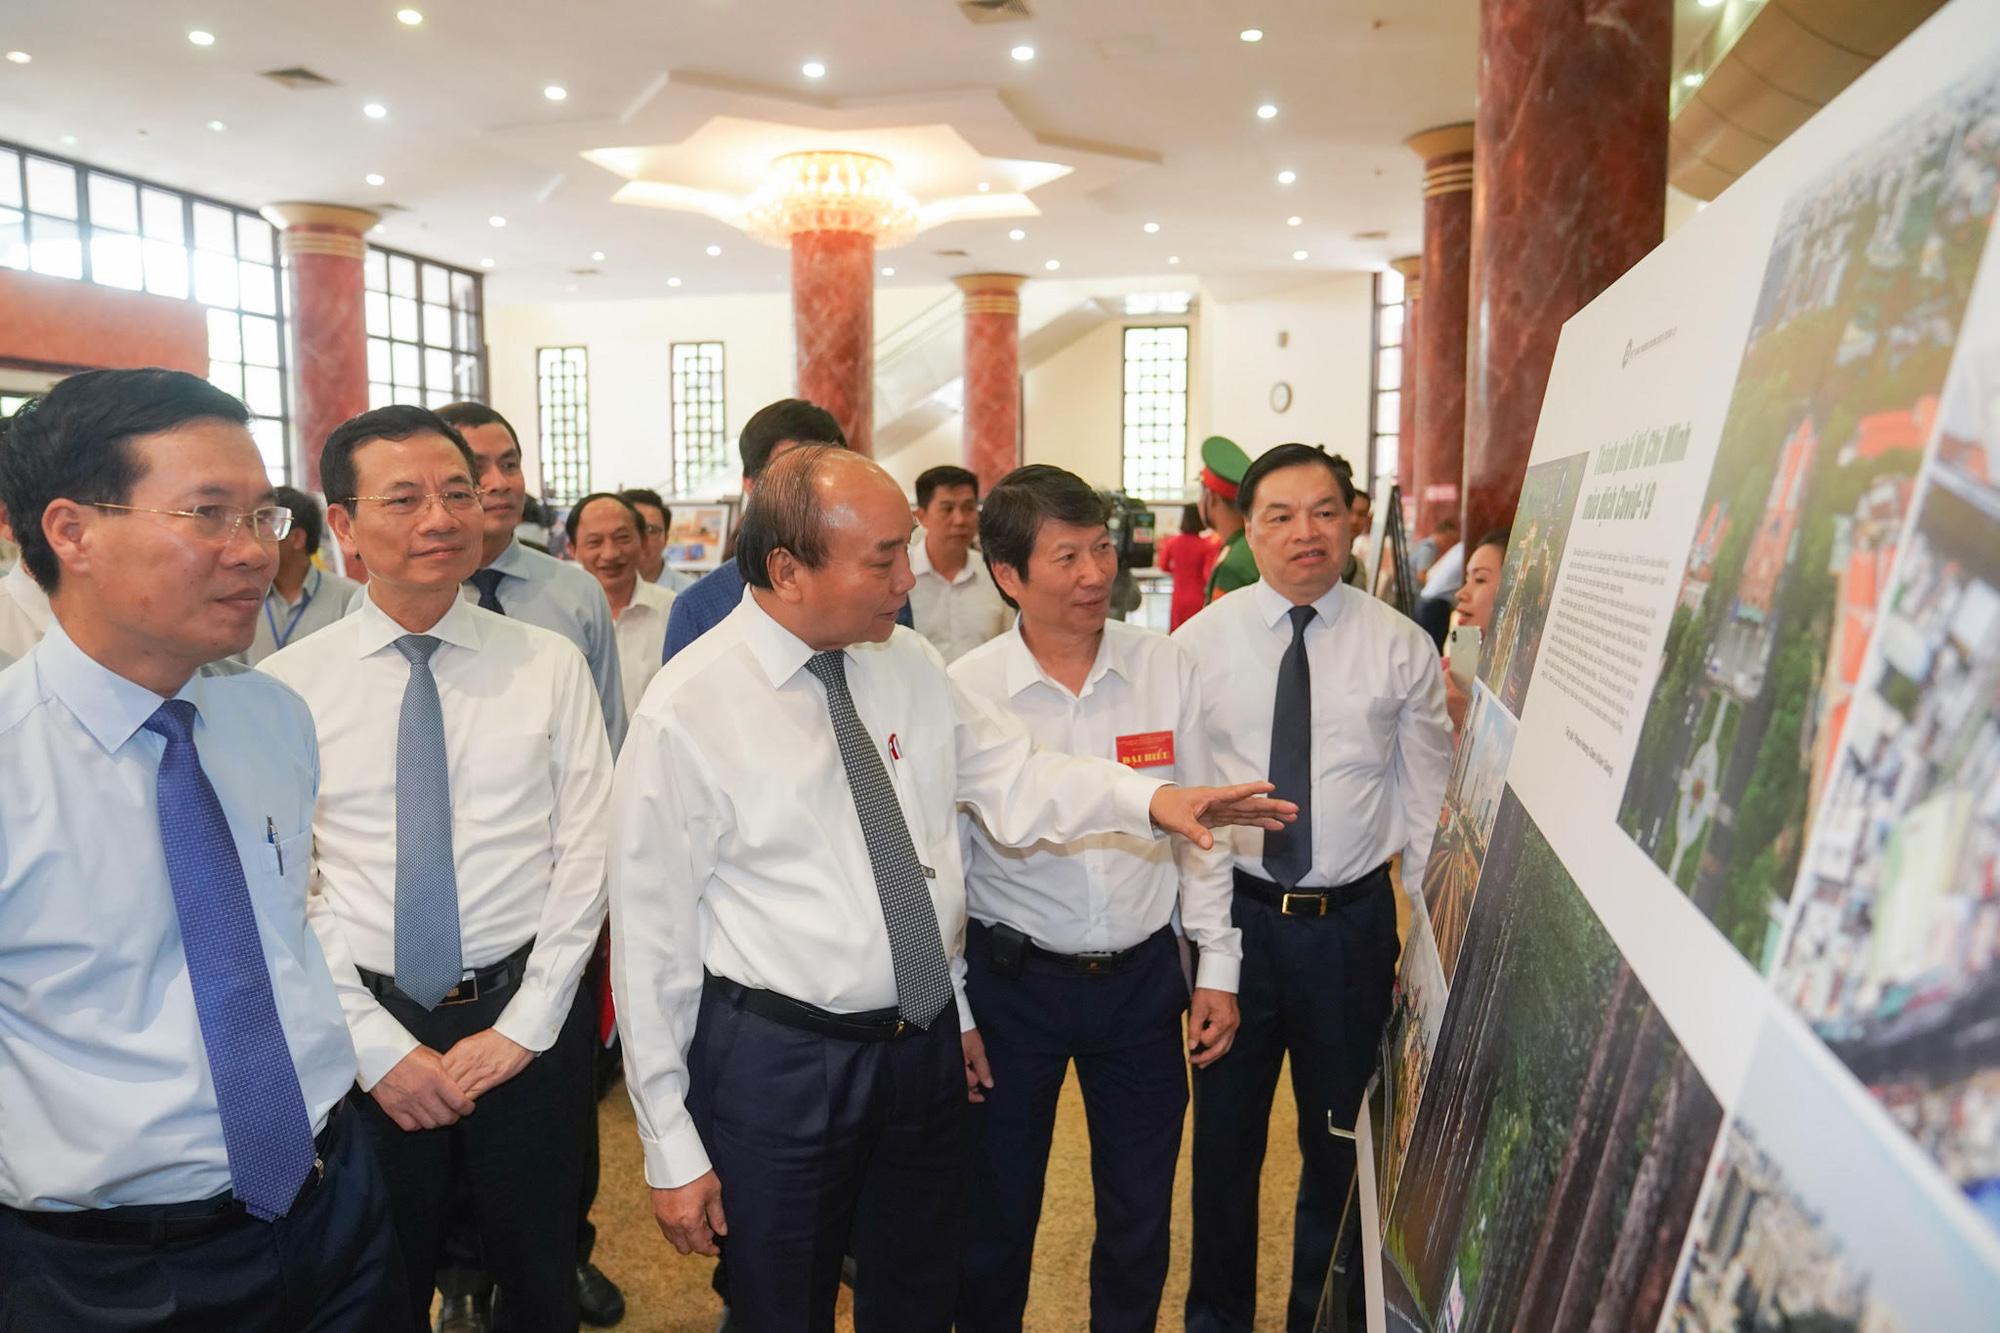 Thủ tướng mong muốn báo chí lan tỏa năng lượng tích cực trong xã hội - Ảnh 2.